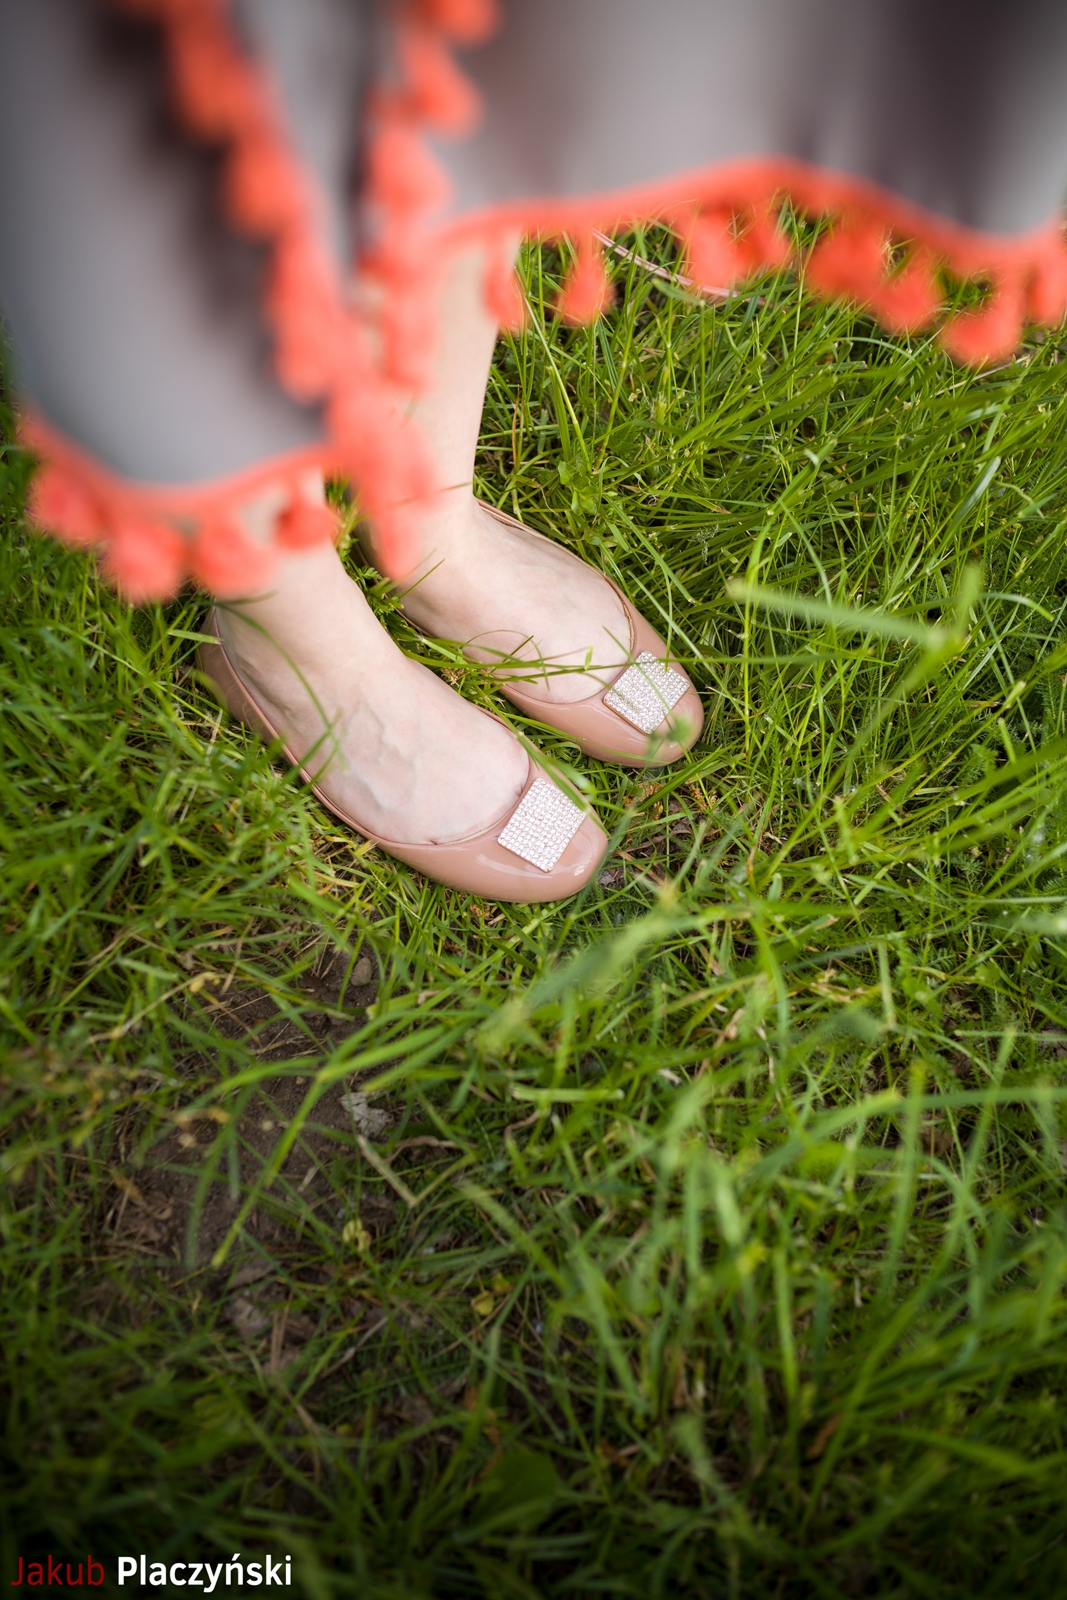 4  sukienka szara z frędzlami maxi na lato bonprix sukienki na wakacje bizuteria piotrowski kryształy svarowskiego letnia stylizacja melodylaniella buty masujące nogi oka-b mivo shoes